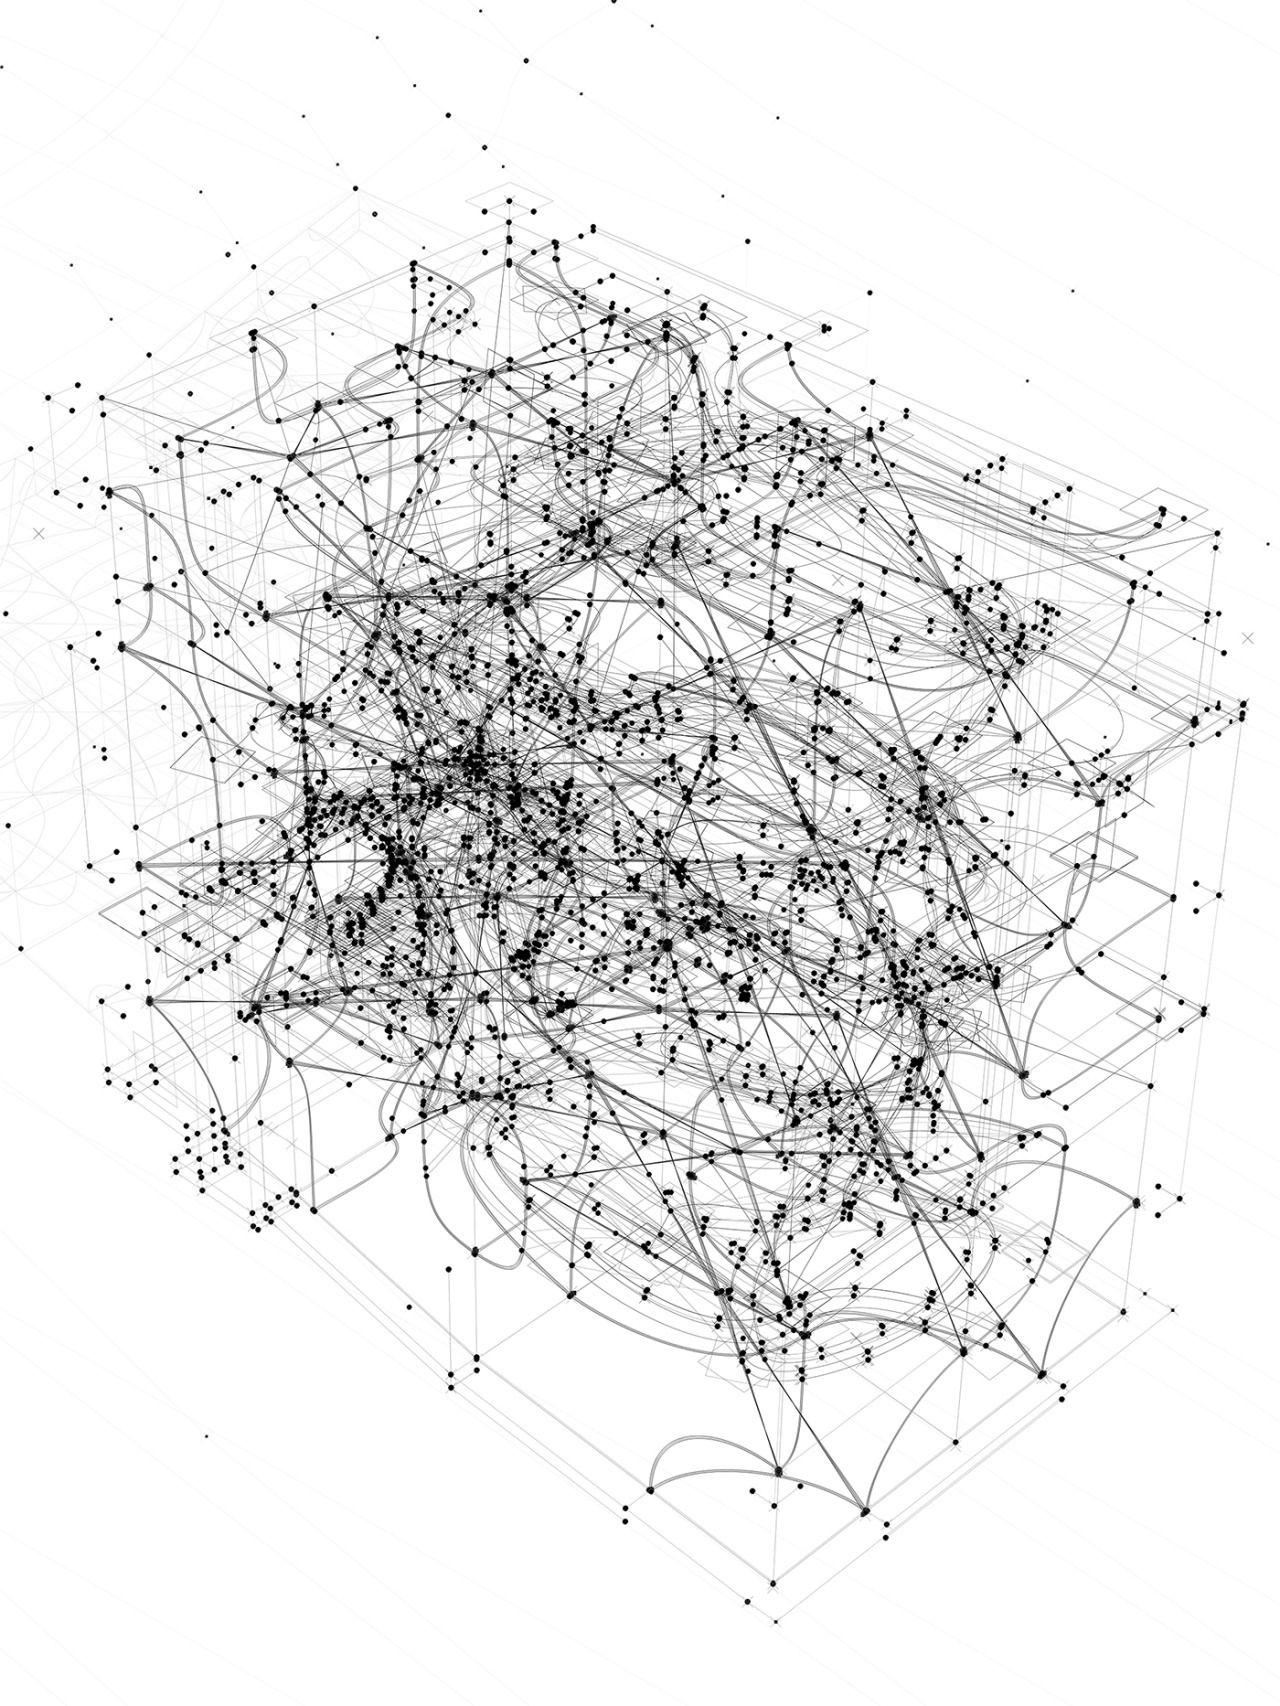 Aquarium Space Metrics Diagram